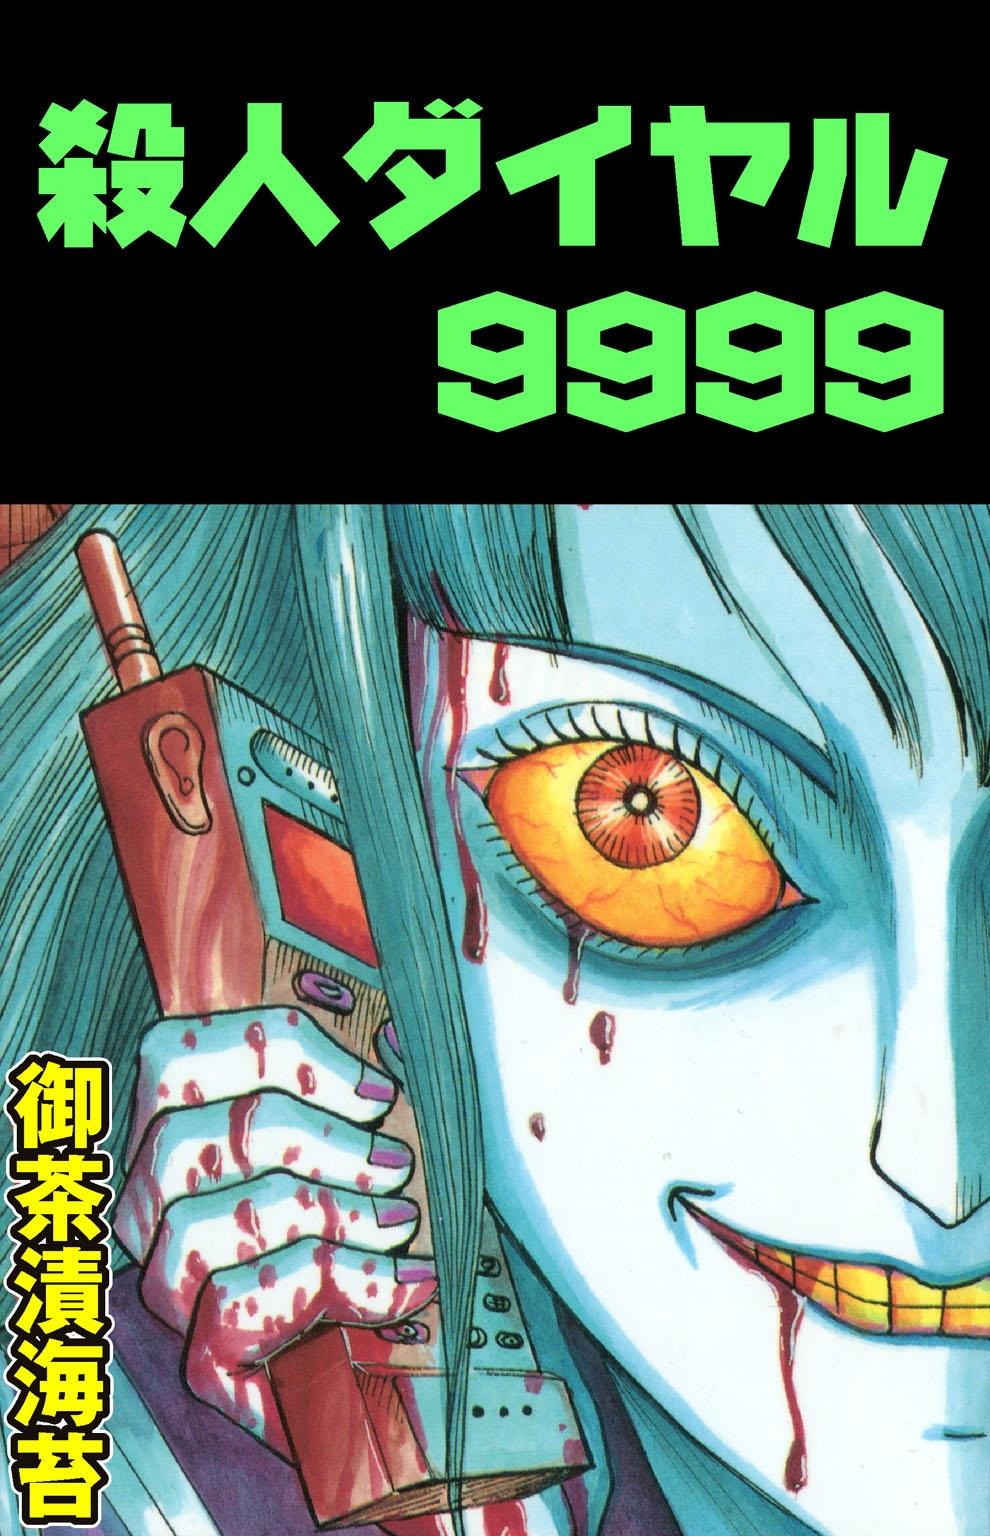 殺人ダイヤル9999